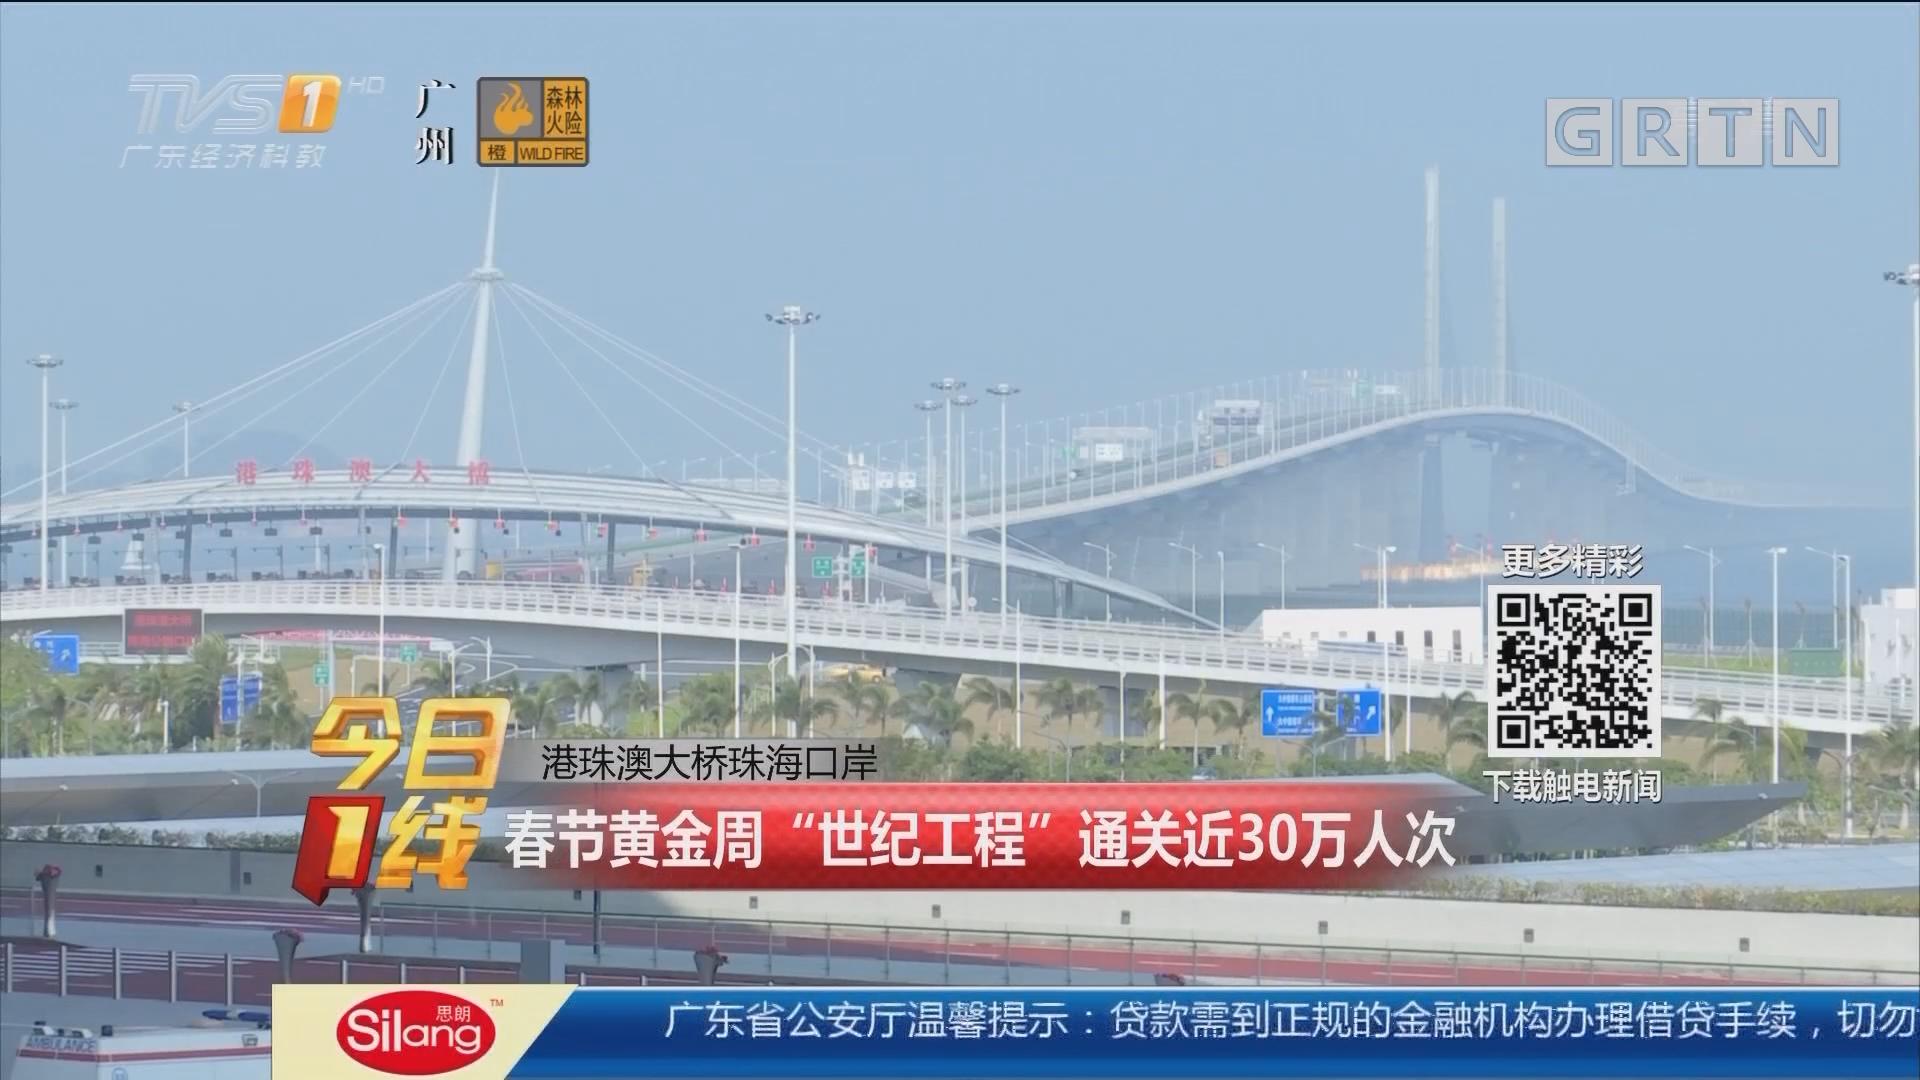 """港珠澳大桥珠海口岸:春节黄金周""""世纪工程""""通关近30万人次"""